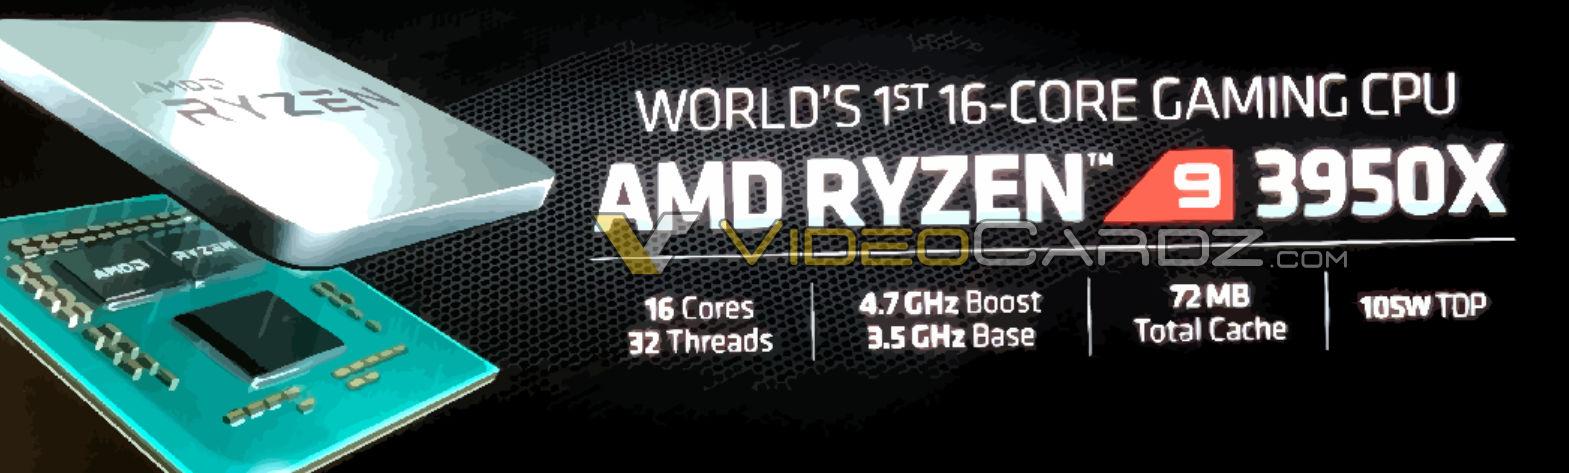 AMD-Ryzen-9-3950X-16-core-CPU.jpg